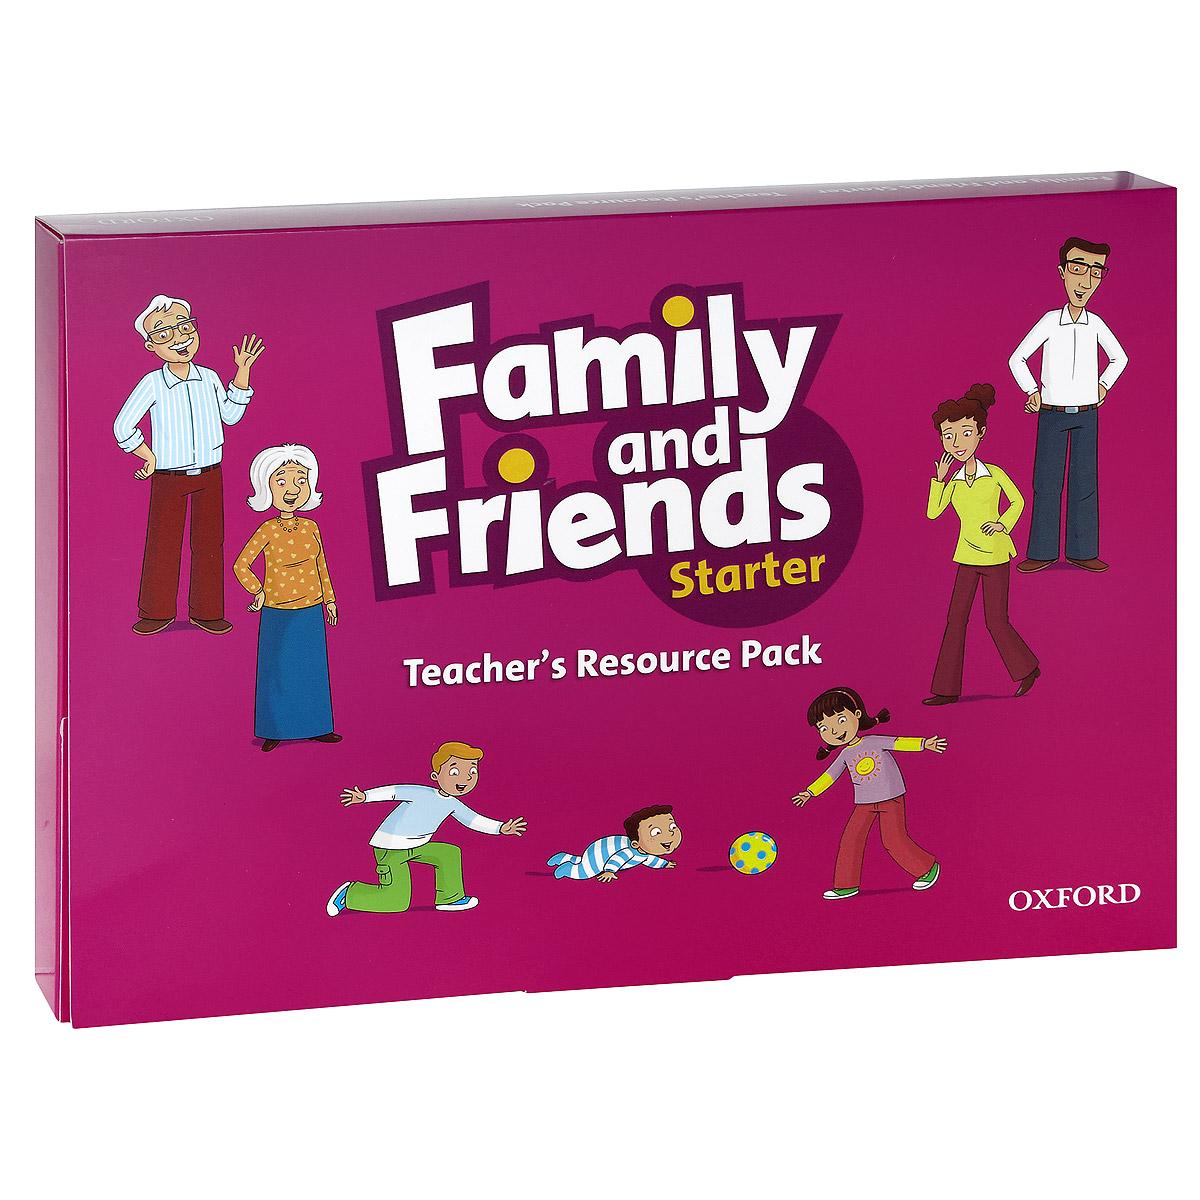 Family & Friends Starter: Teachers Resource Pack